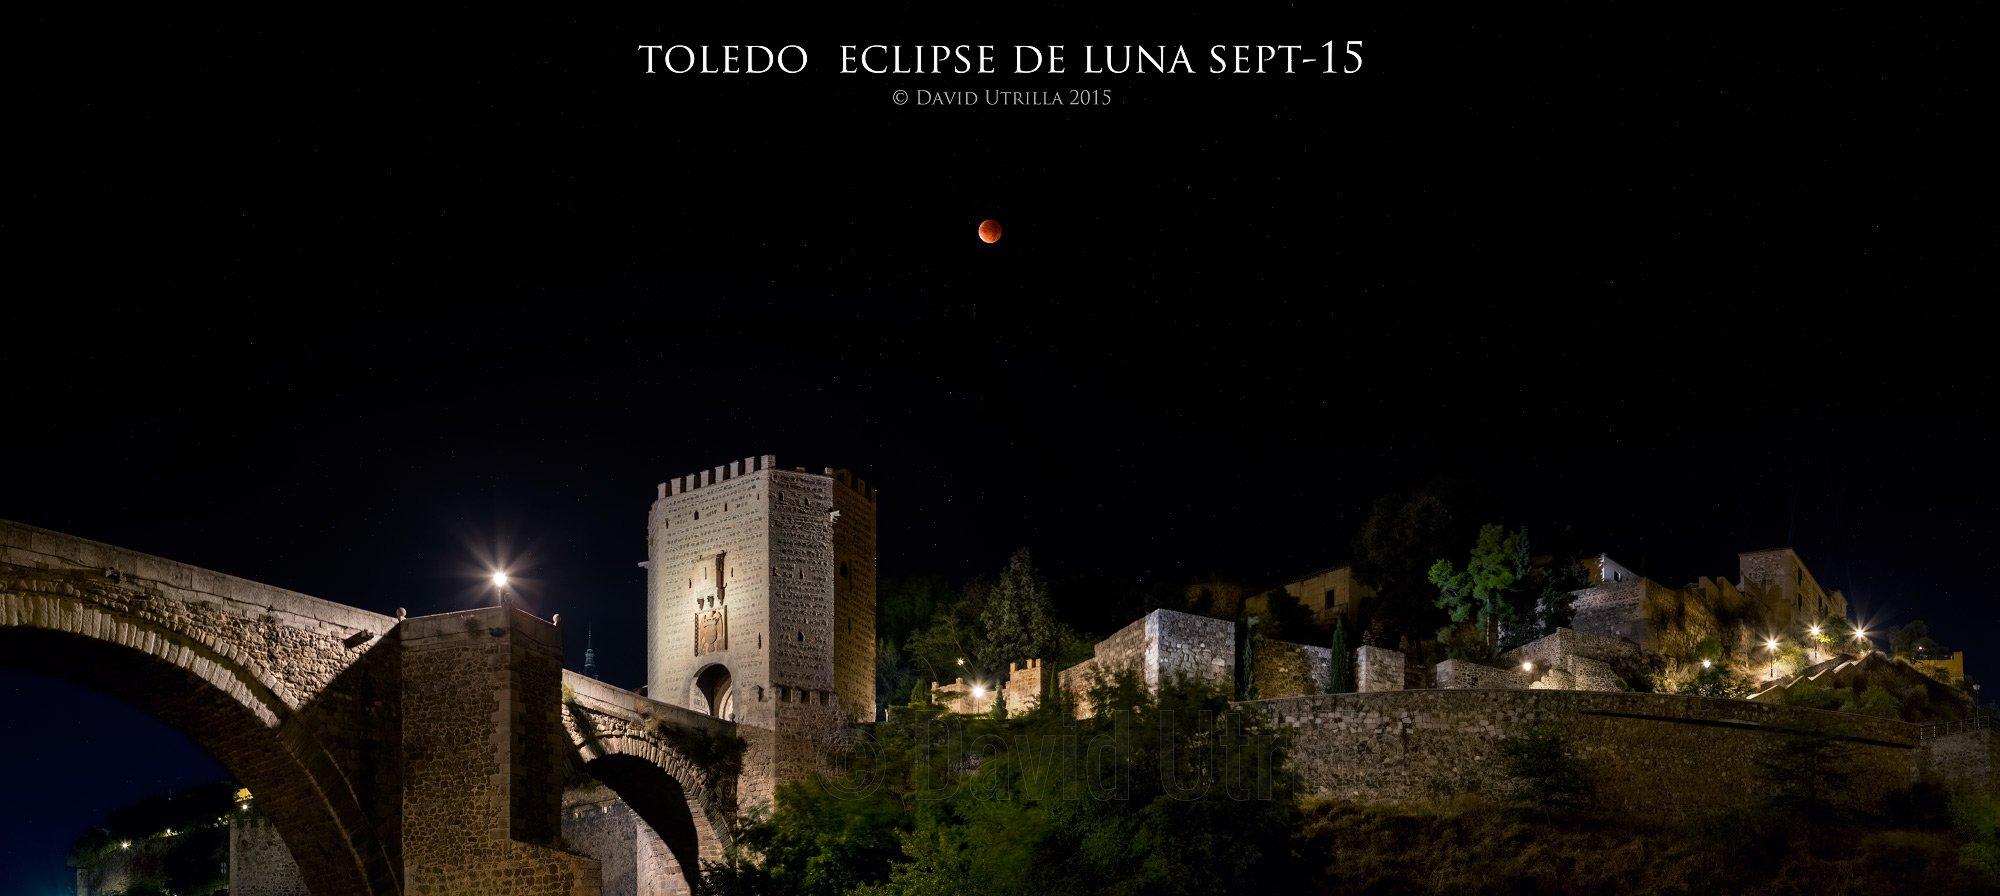 Eclipse de Luna en Toledo